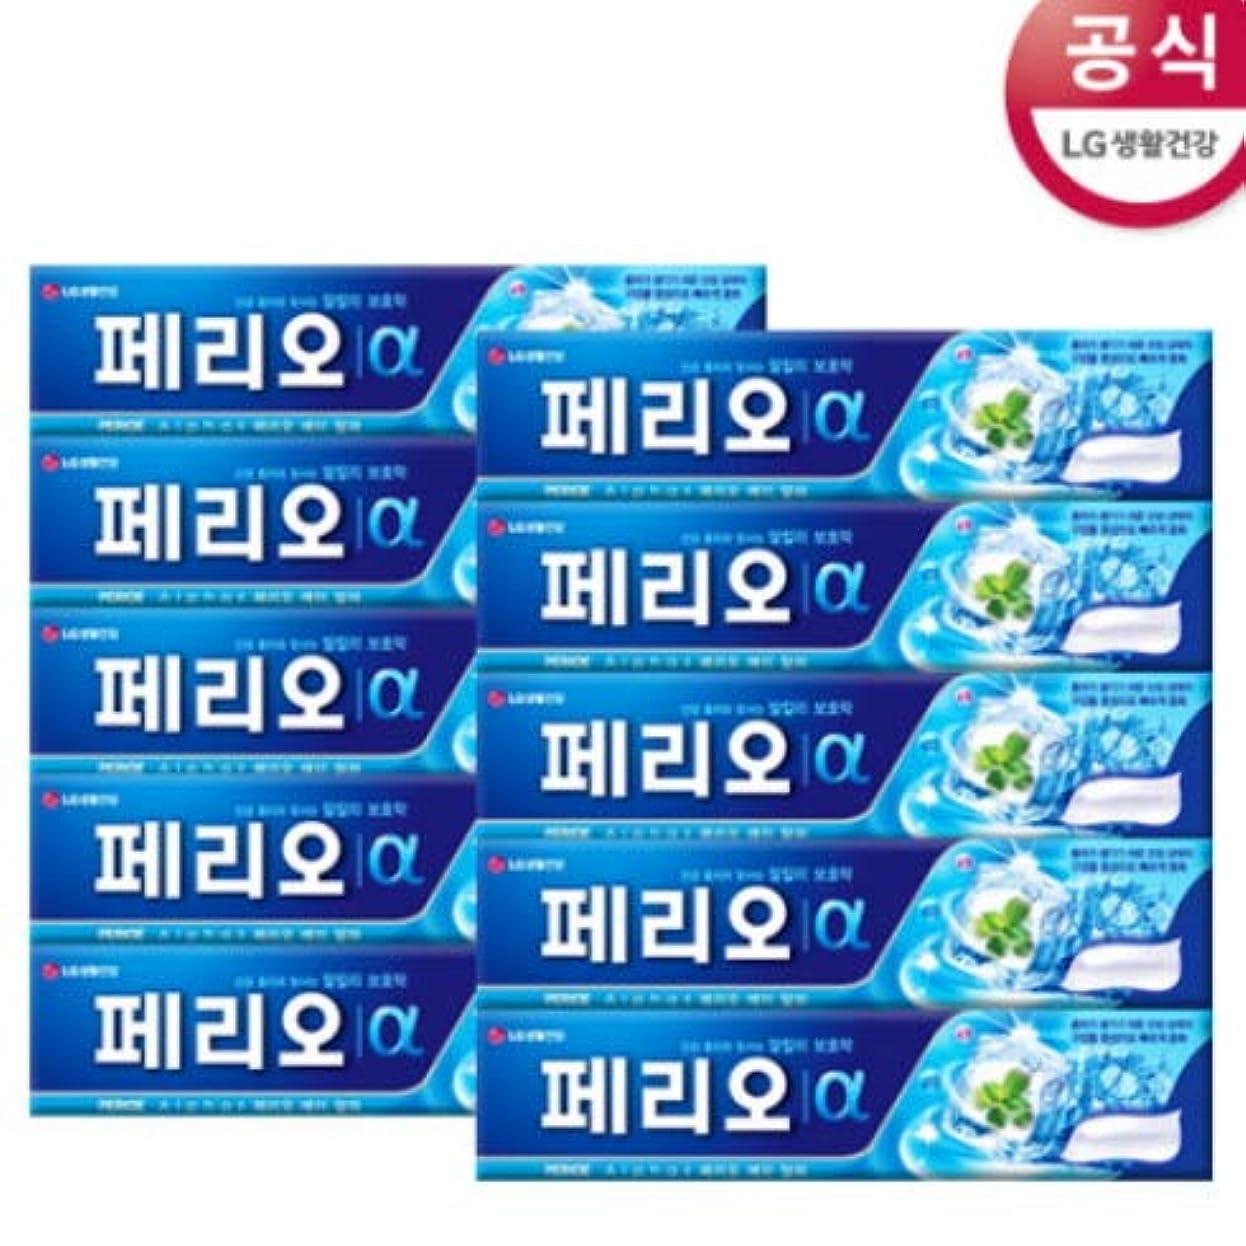 崩壊雄弁家どう?[LG HnB] Perio Alpha Toothpaste/ペリオアルファ歯磨き粉 170gx10個(海外直送品)